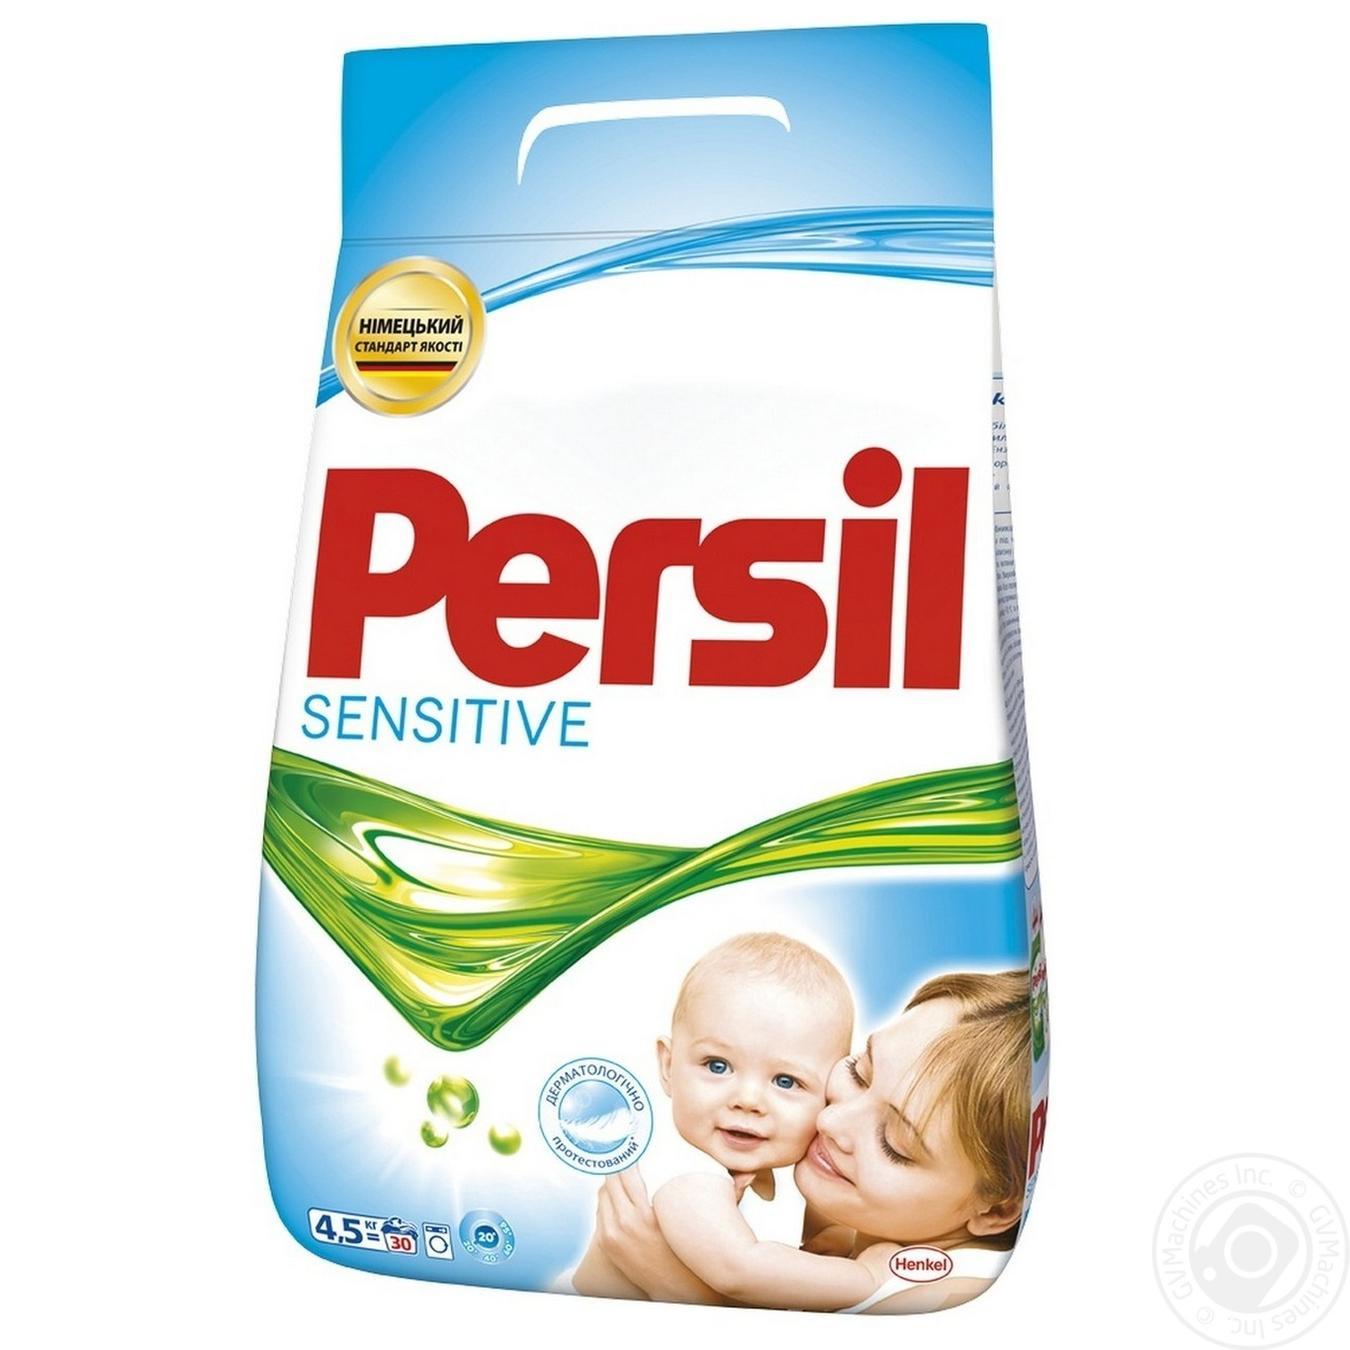 Порошок стиральный Persil Sensitive автомат 4,5кг